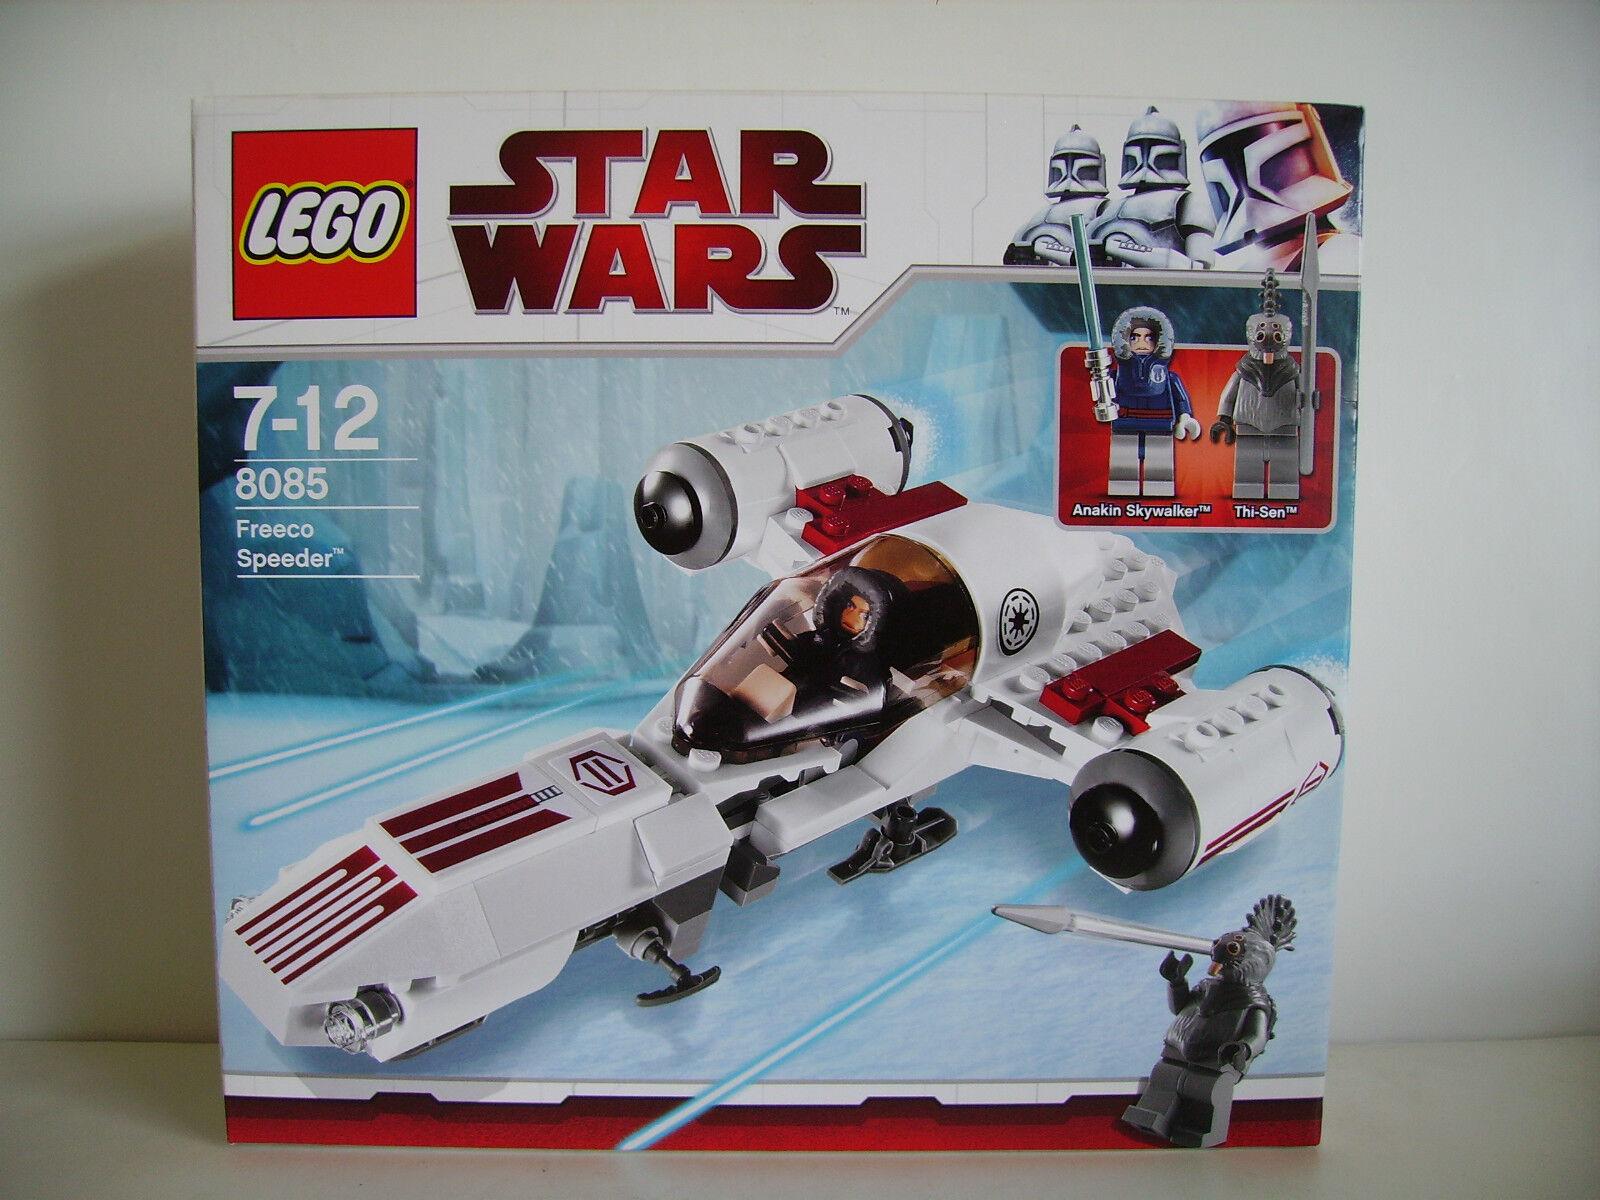 LEGO estrella  guerras 8085 gratuitoco Speeder NUOVI SIGILLATI RARO  ampia selezione